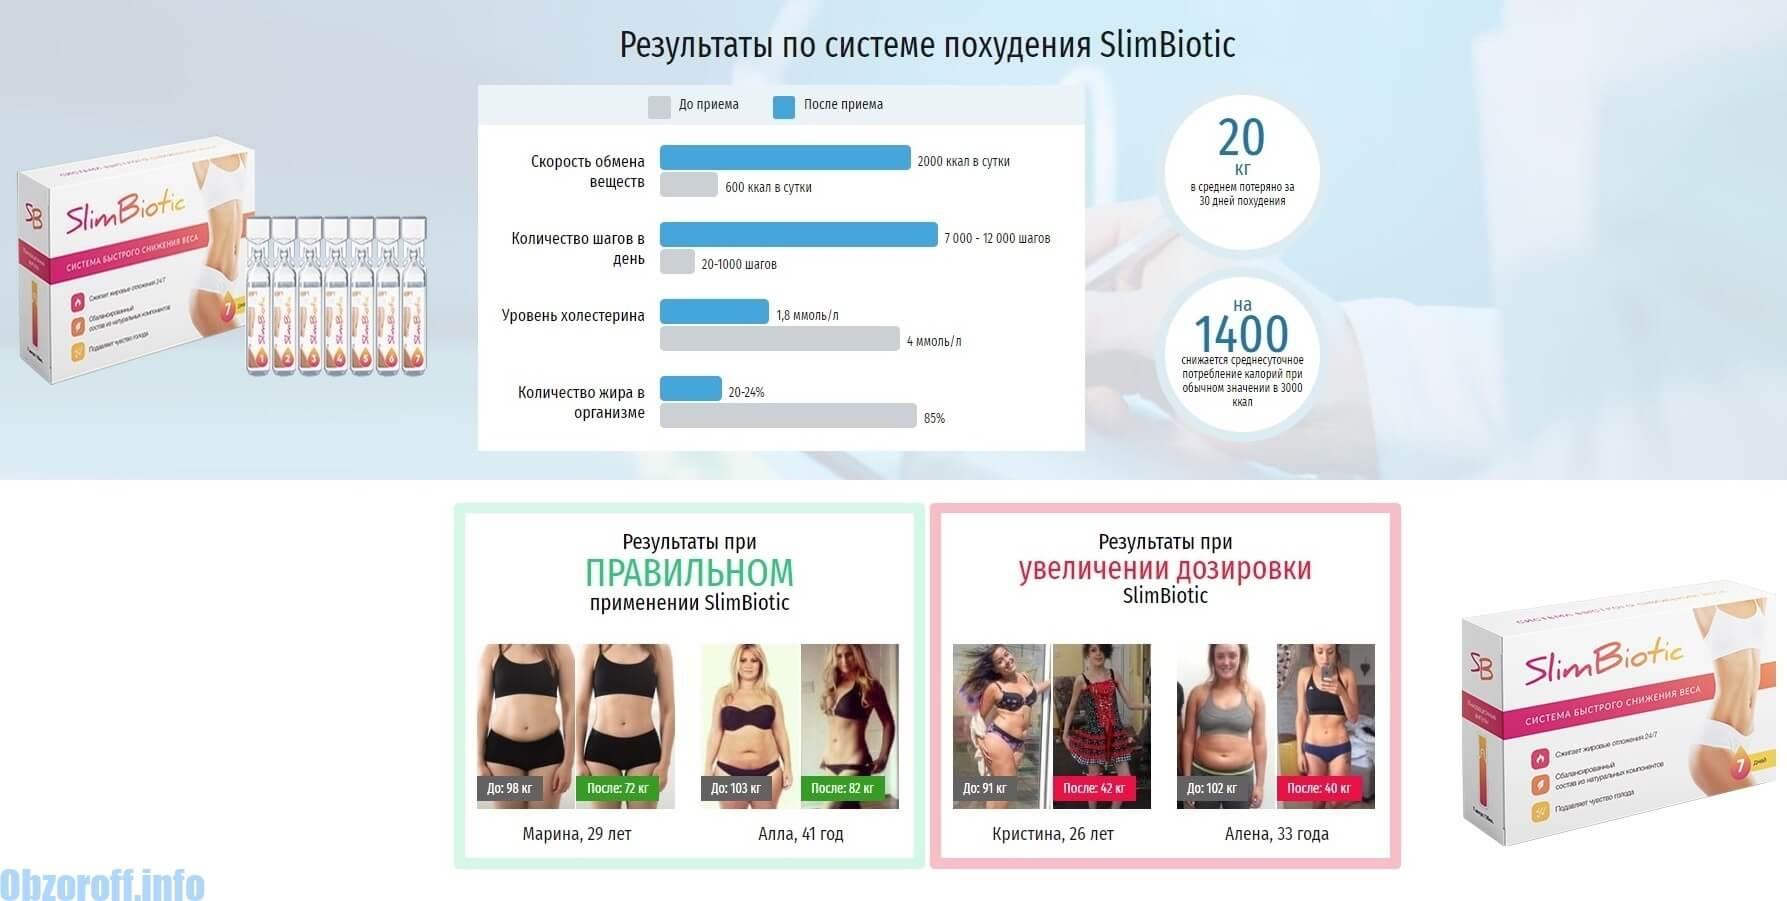 Preparate care susțin pierderea în greutate și dietele populare. - Zadbaj o swoje zdrowie